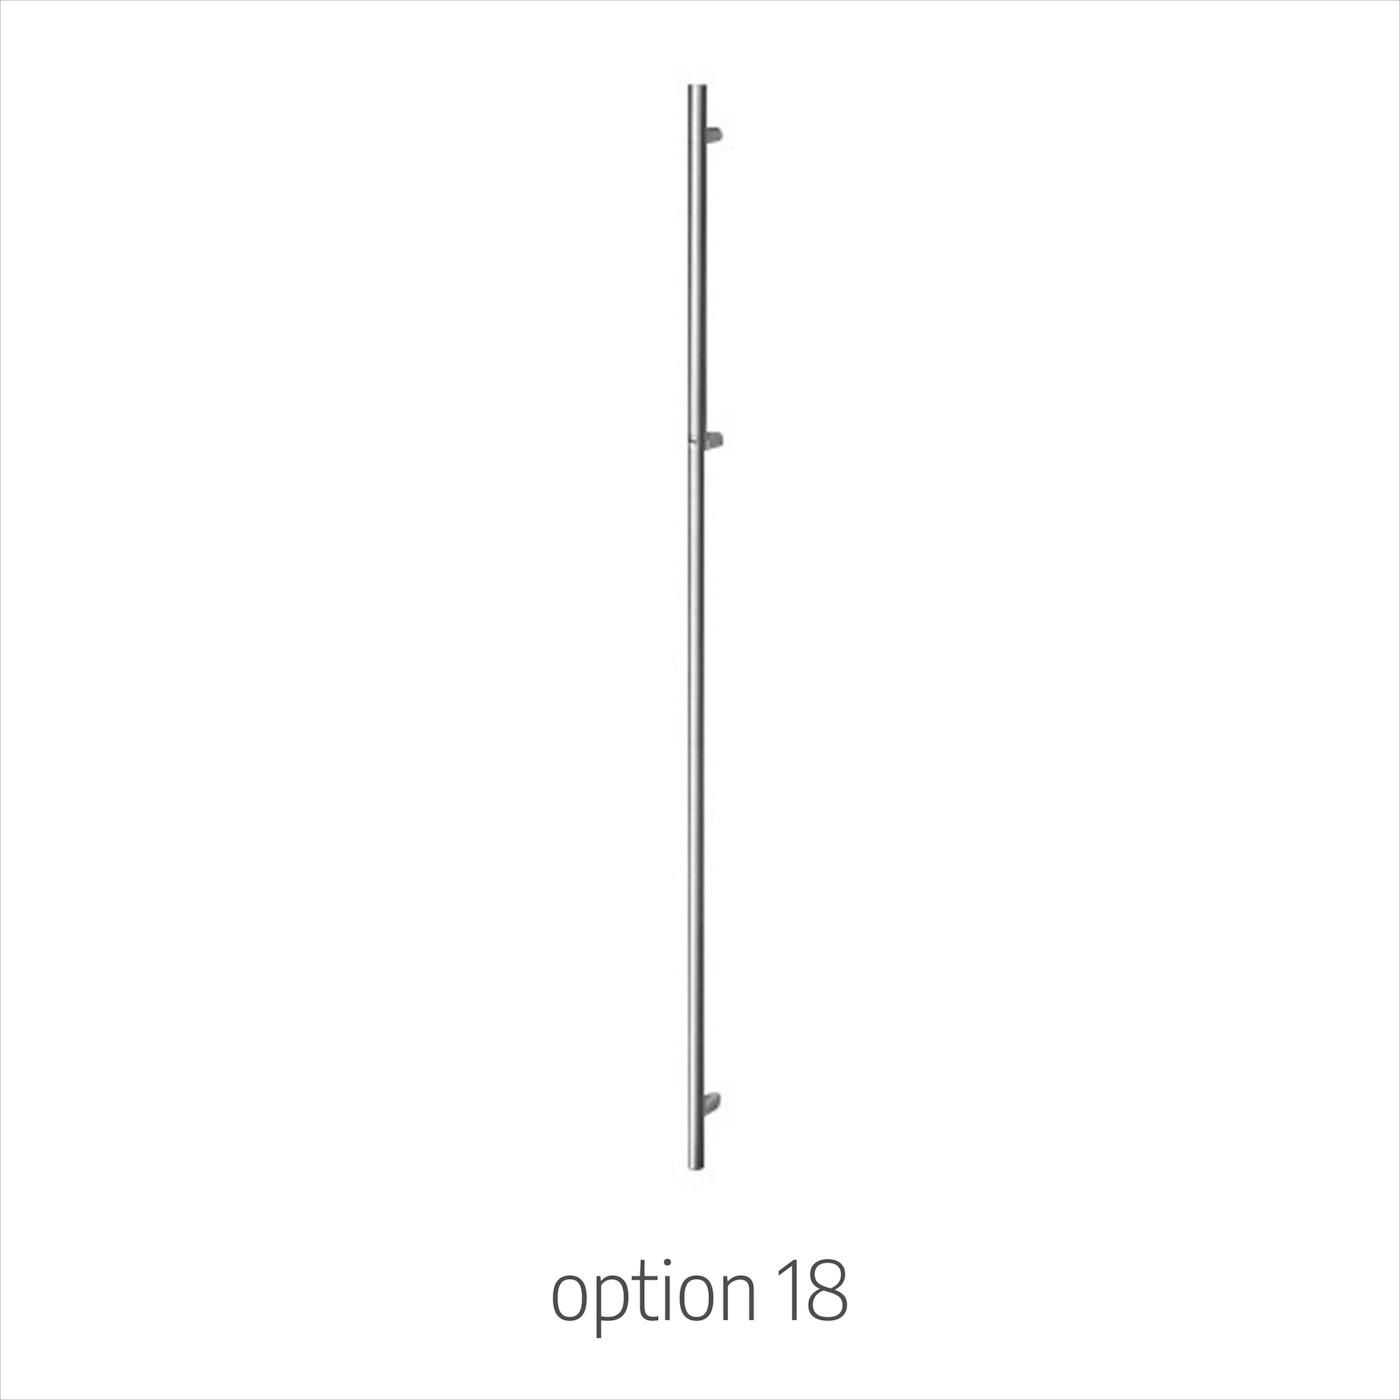 option 18